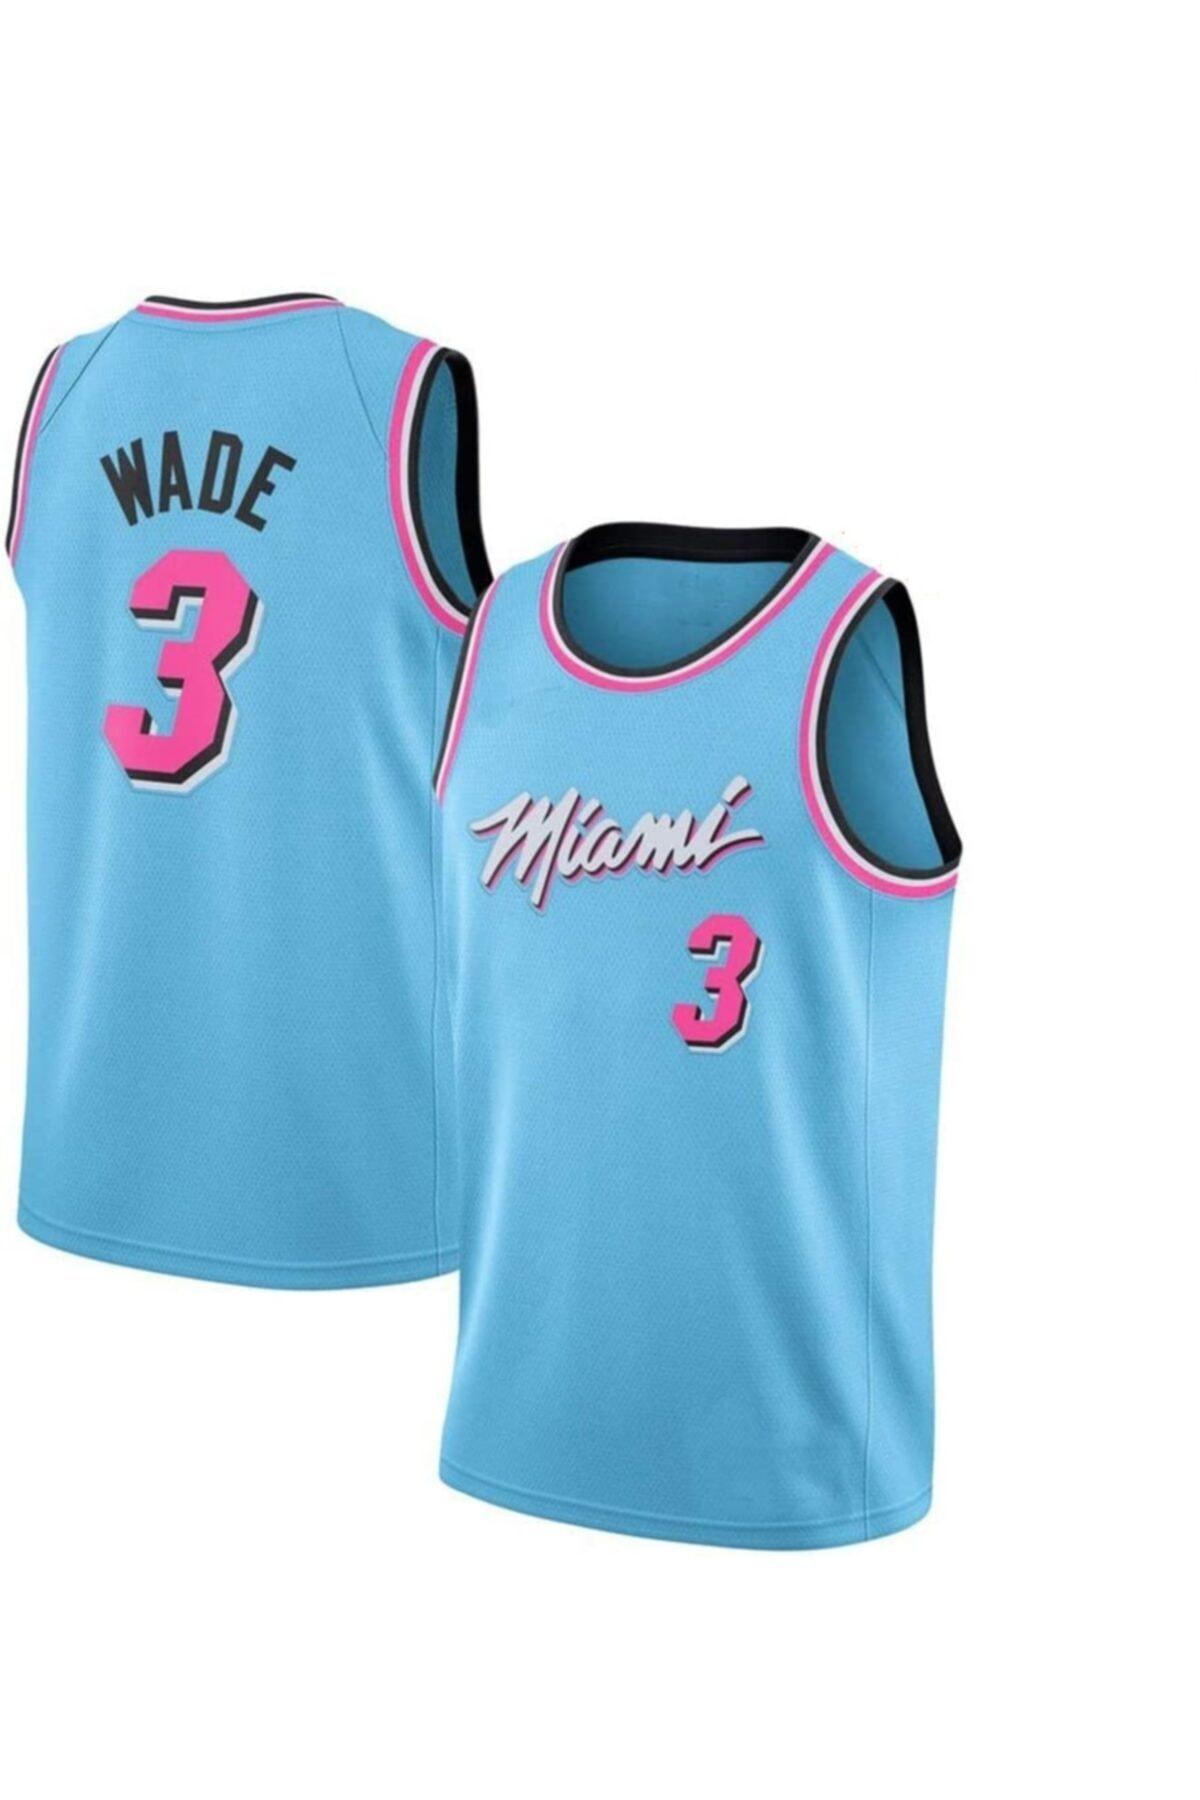 Nba Basketball Miami Heat Dwyane Wade City Edition Jersey